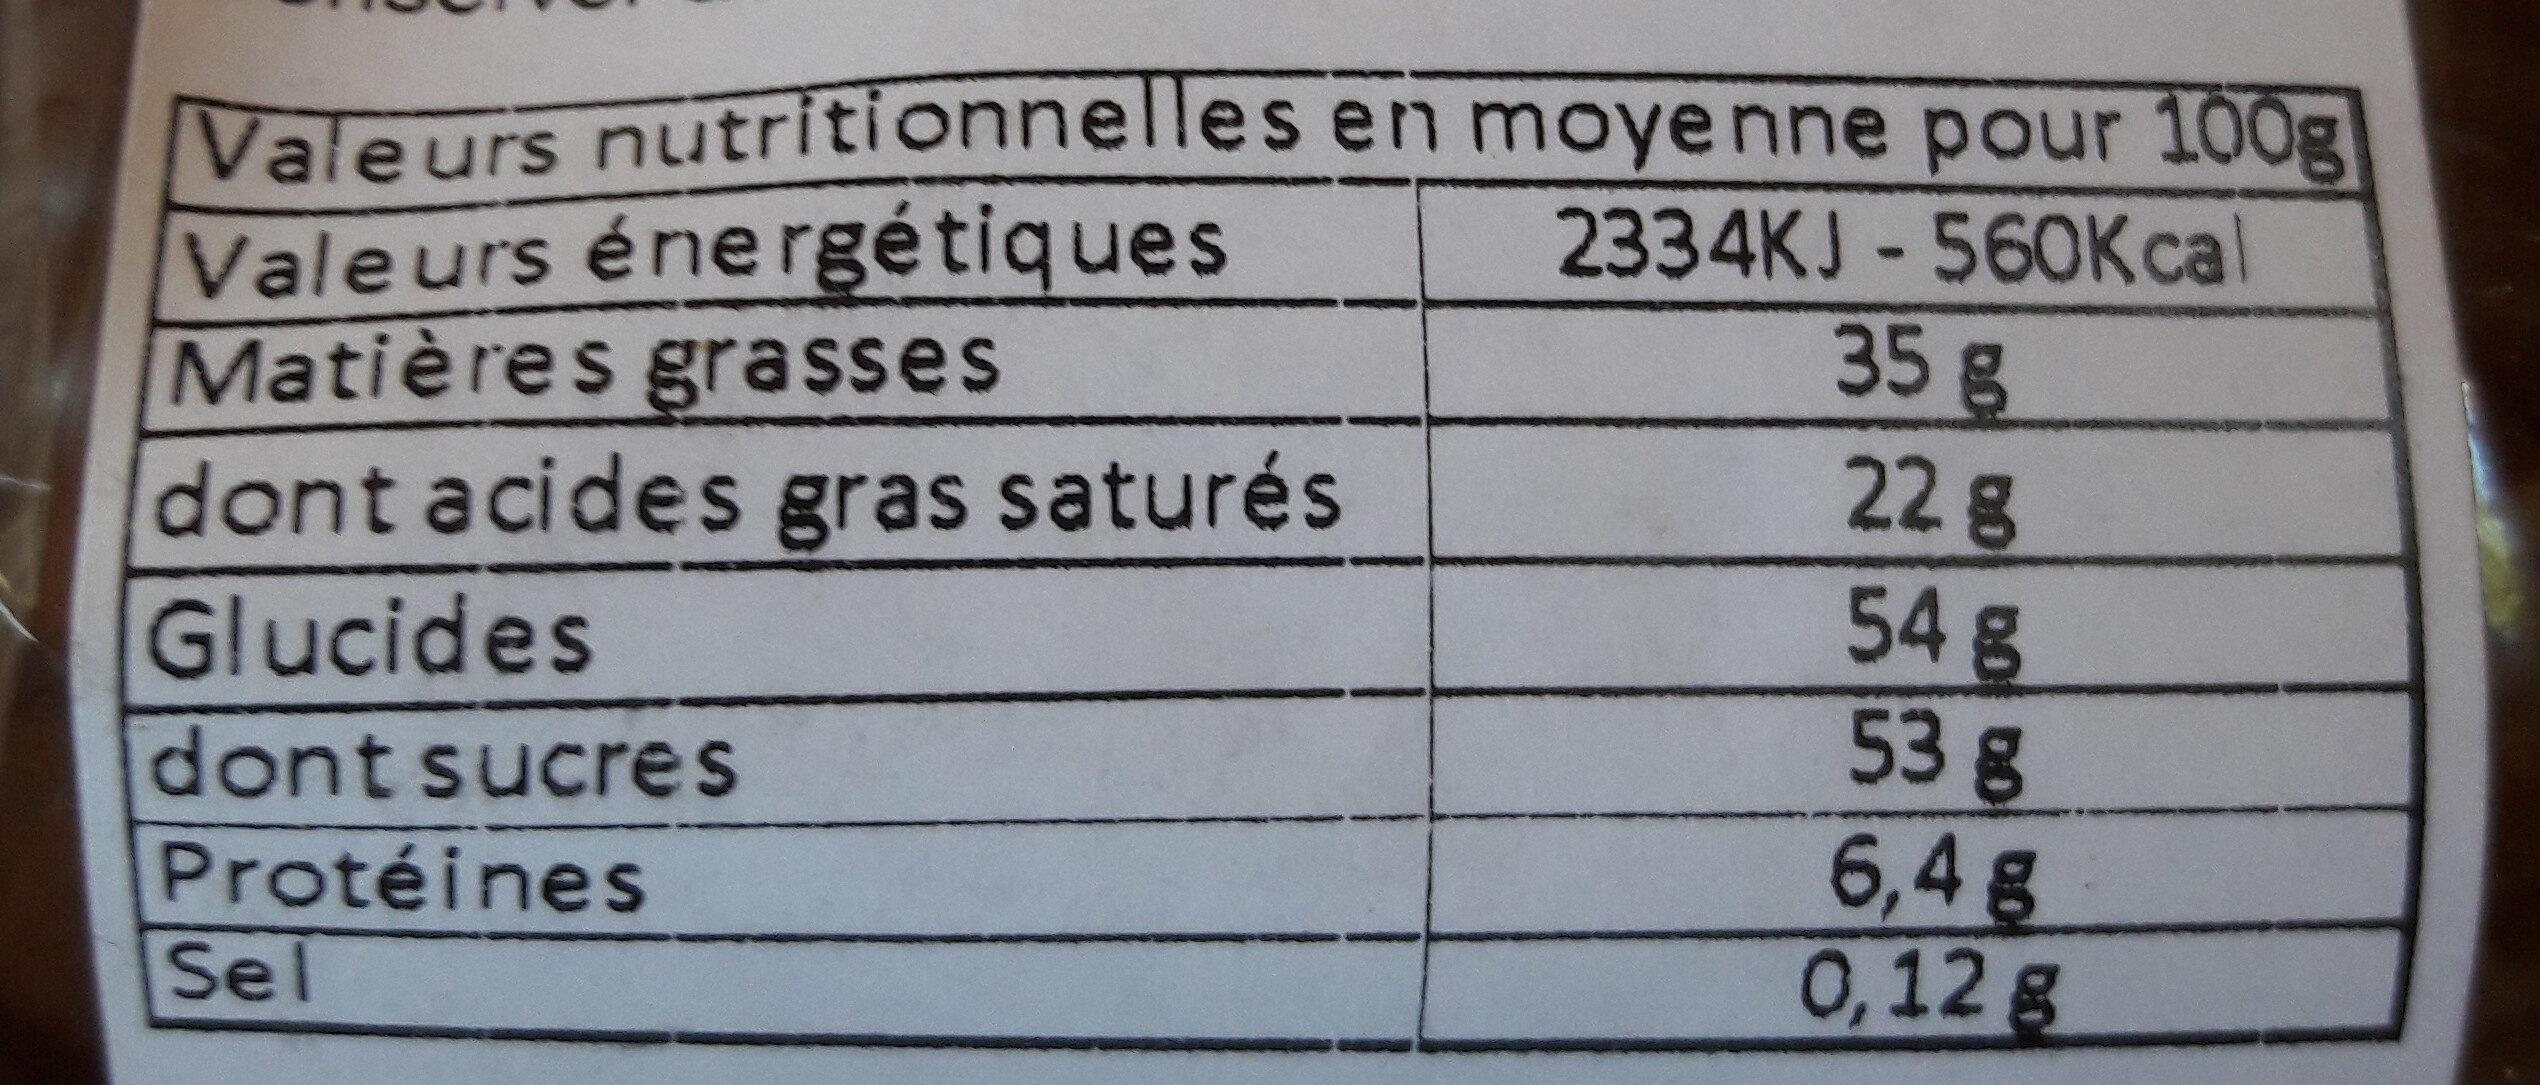 Poule au chocolat au lait - Voedingswaarden - fr